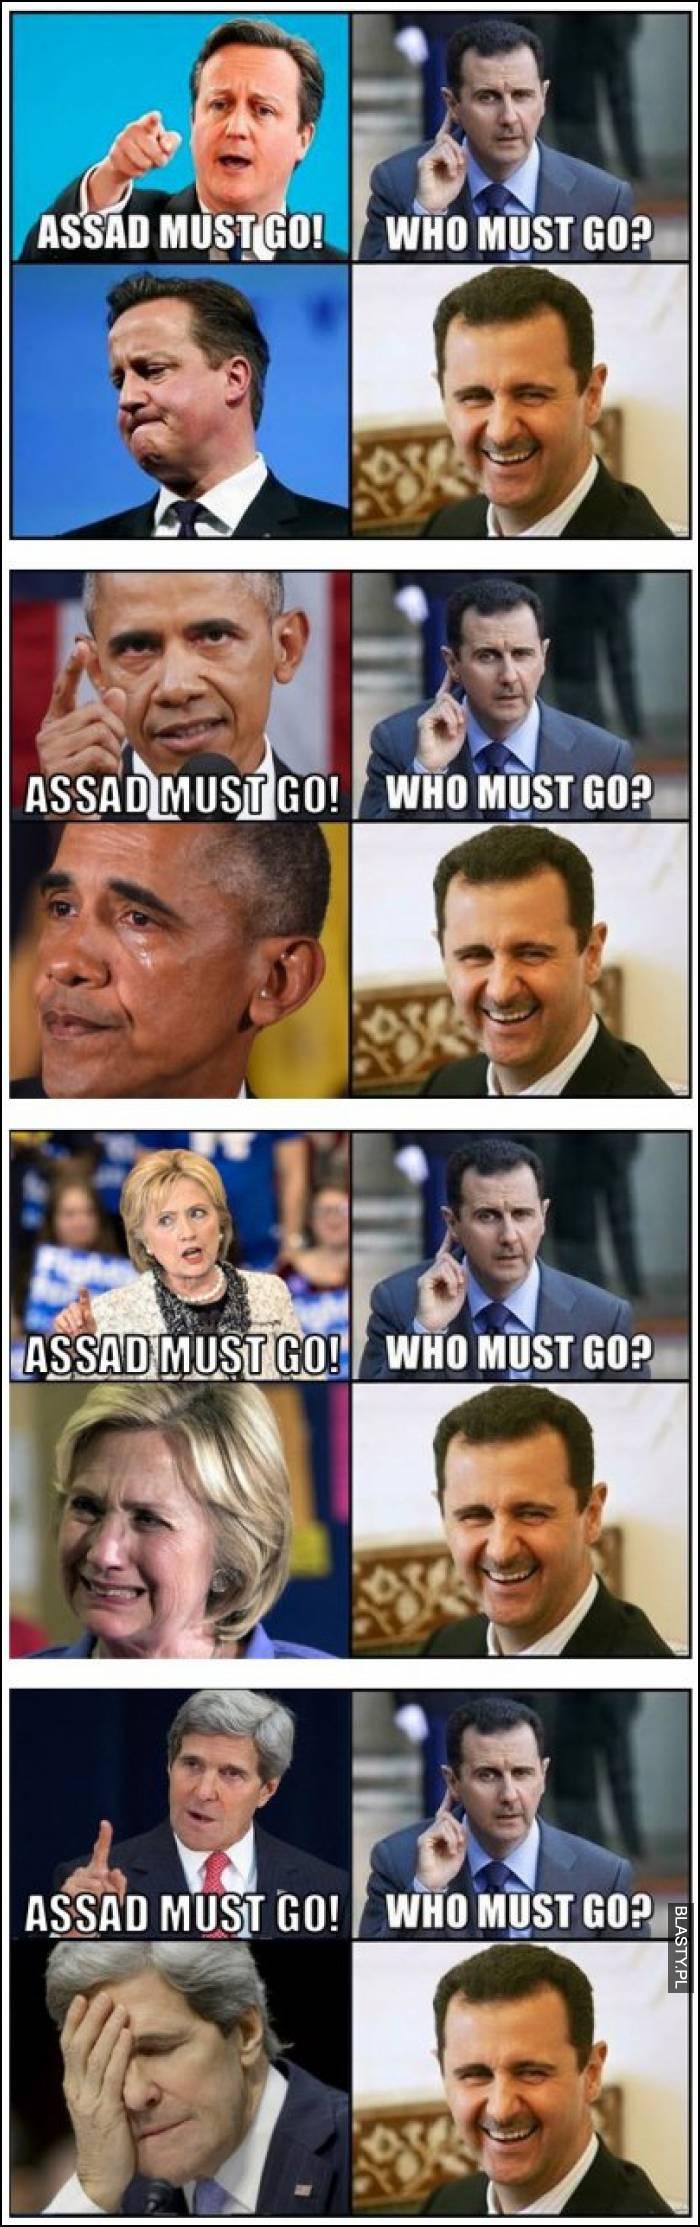 Assad must go